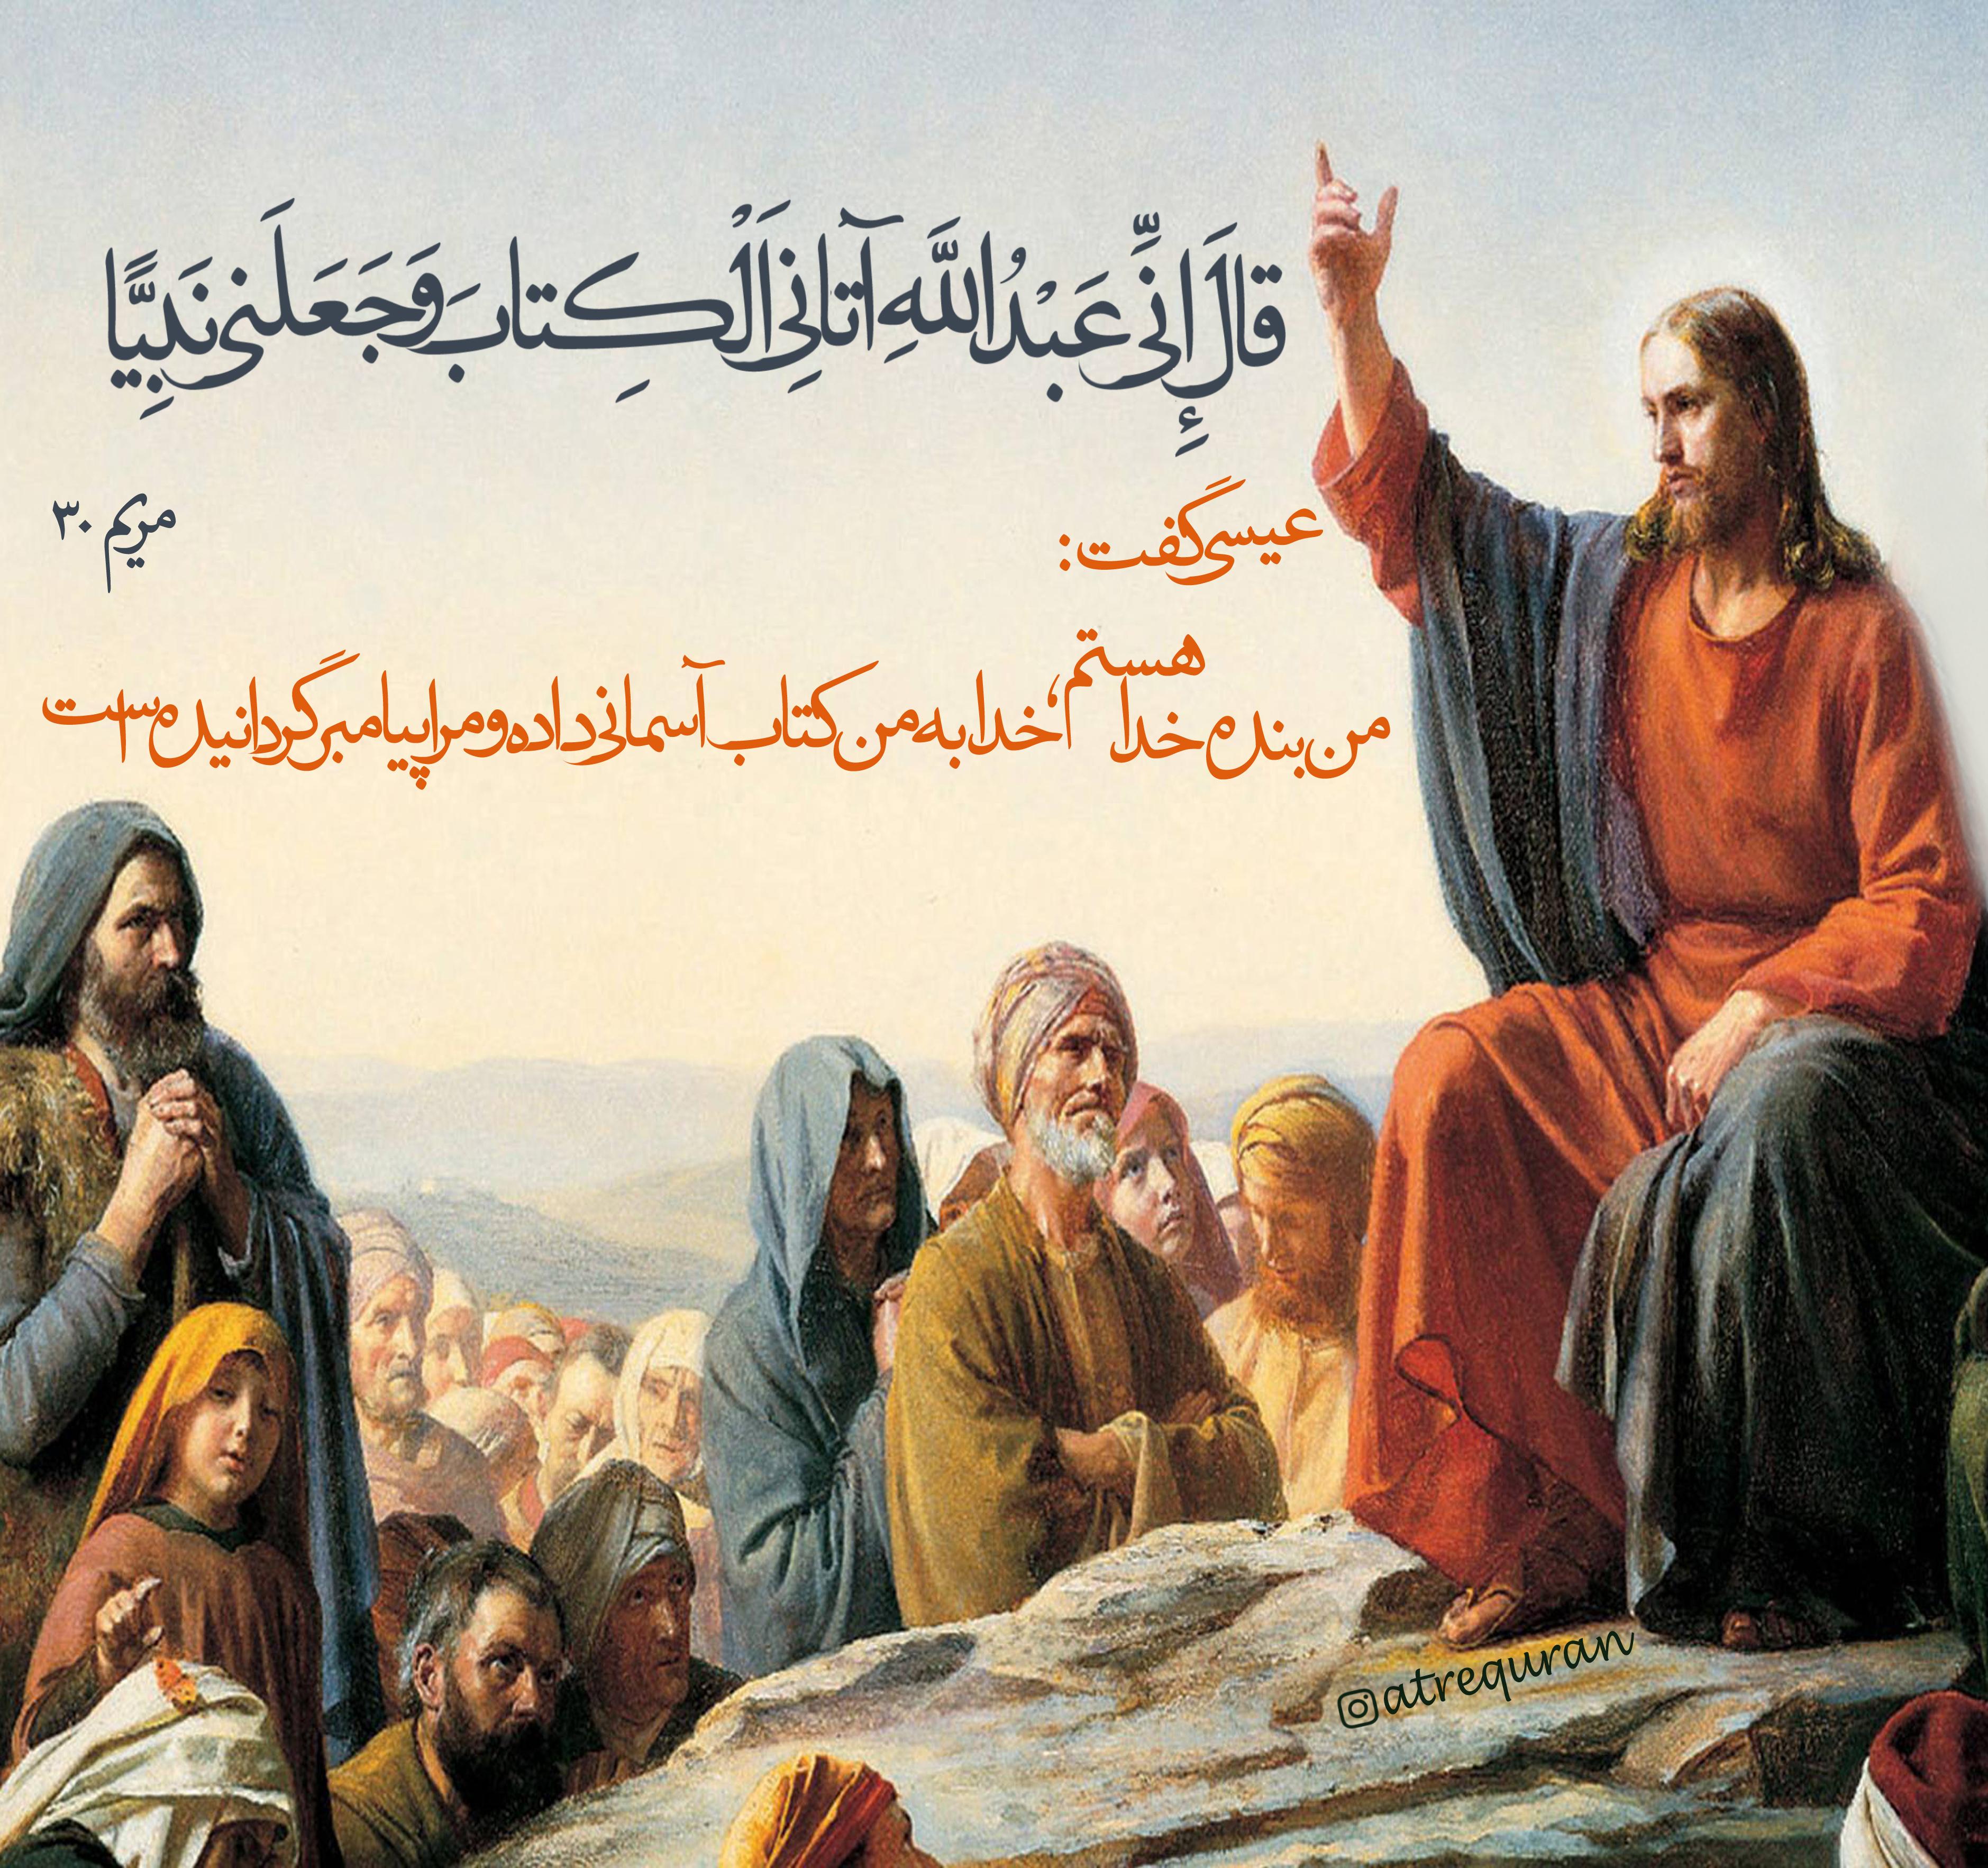 دعا برای آخرت (قرآن) - دیکشنری آنلاین آبادیس